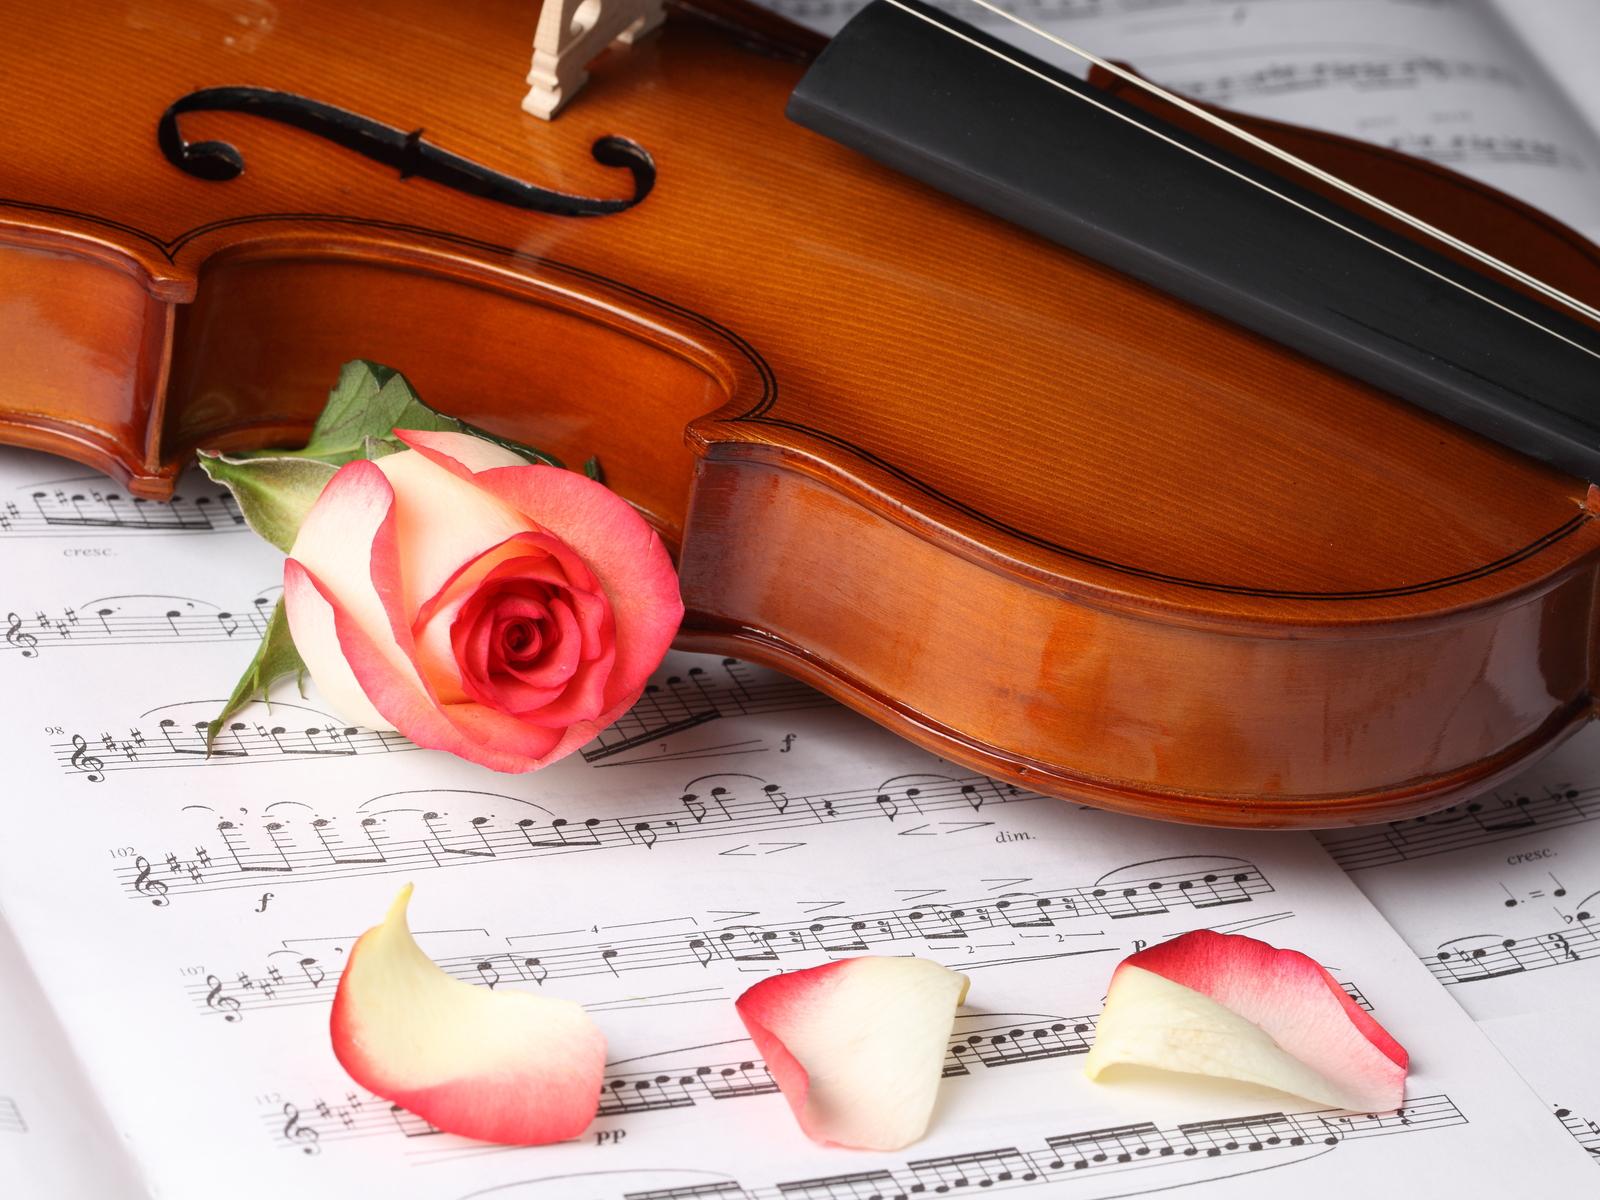 Музыка музыка, искусство, стиль, картинка, обои.